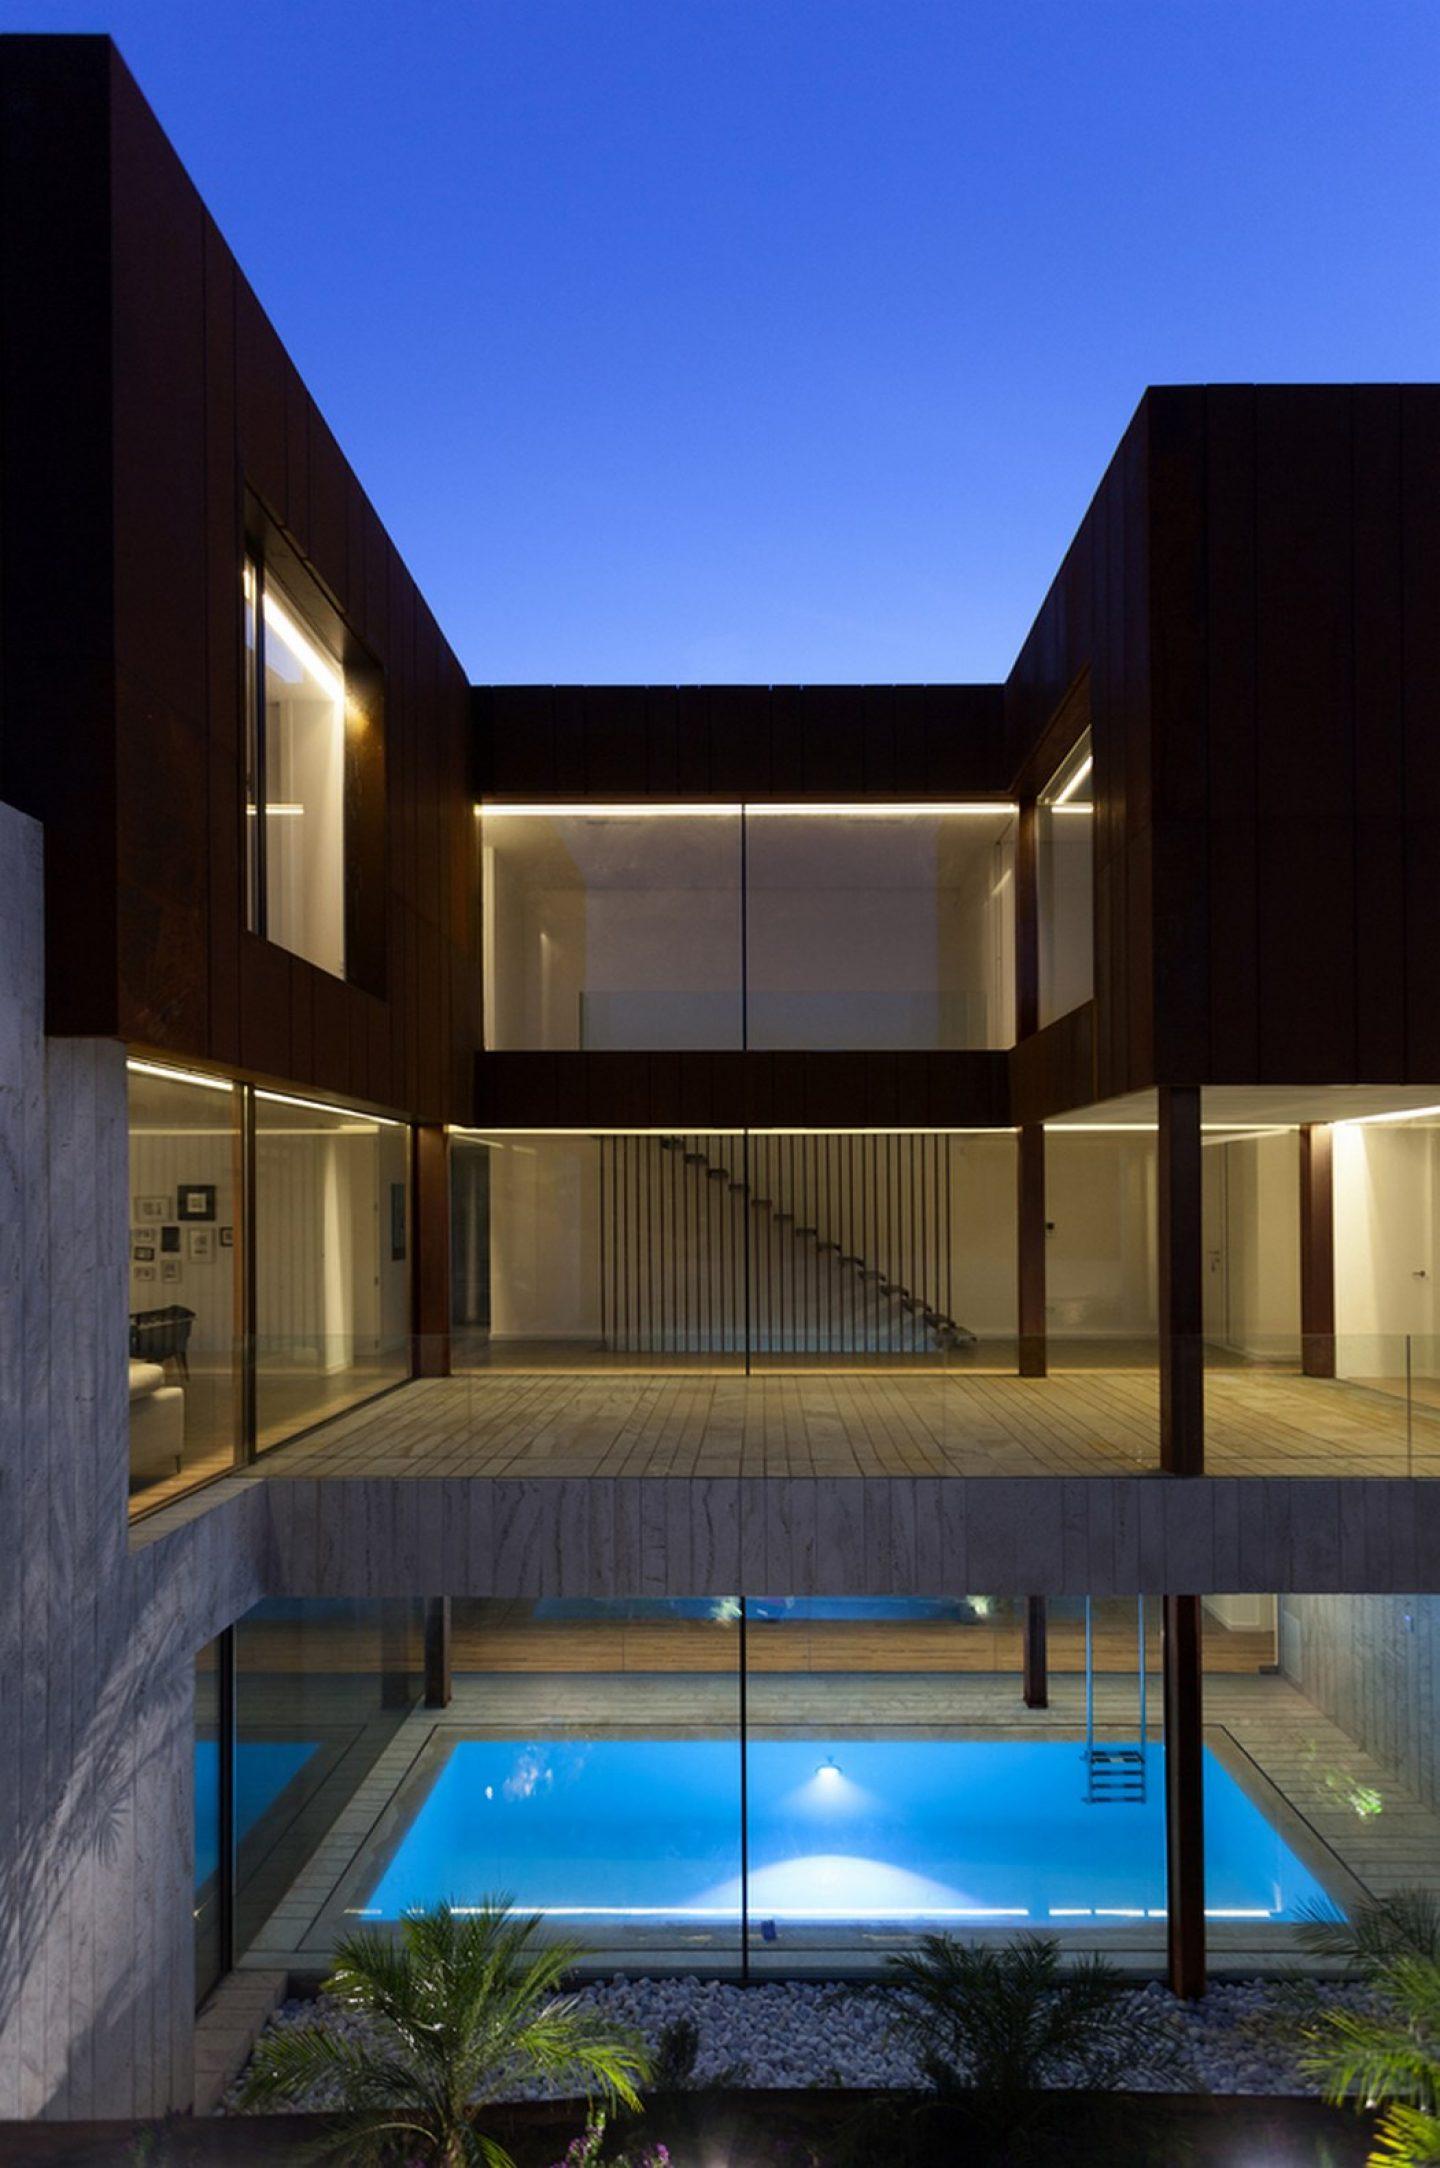 Antonio_Altarriba_Comes_Architecture (4)